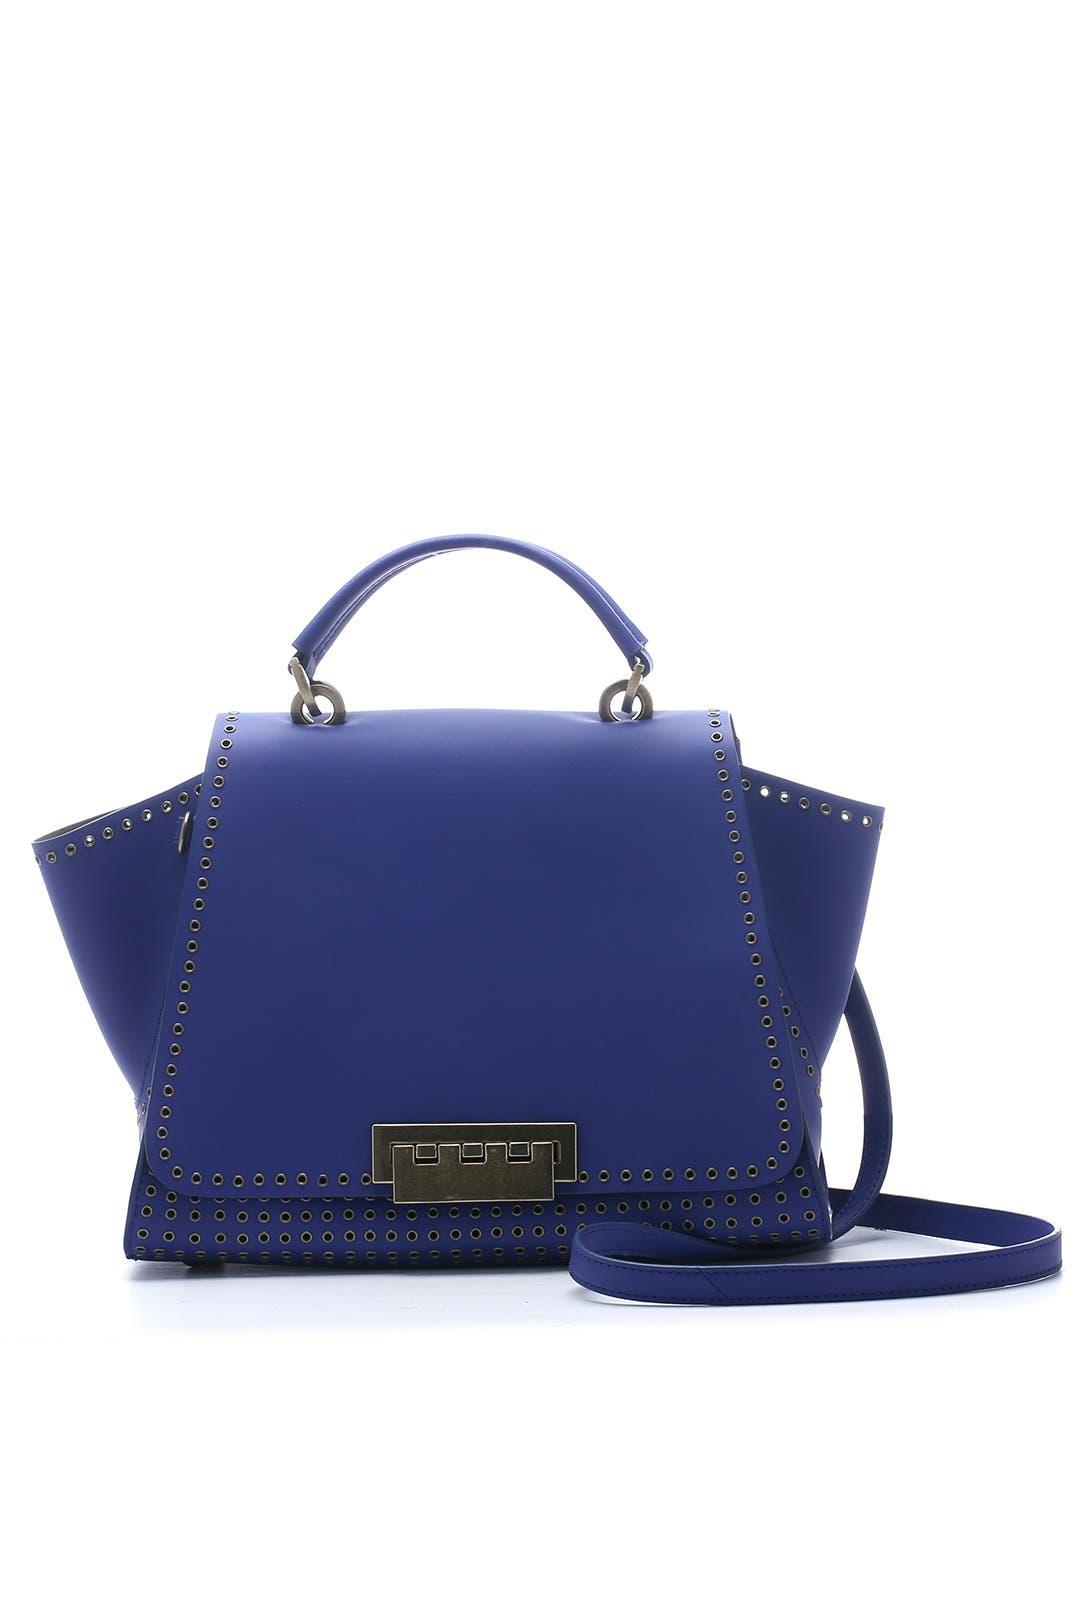 Cobalt Grommet Eartha Iconic Handbag by ZAC Zac Posen Handbags